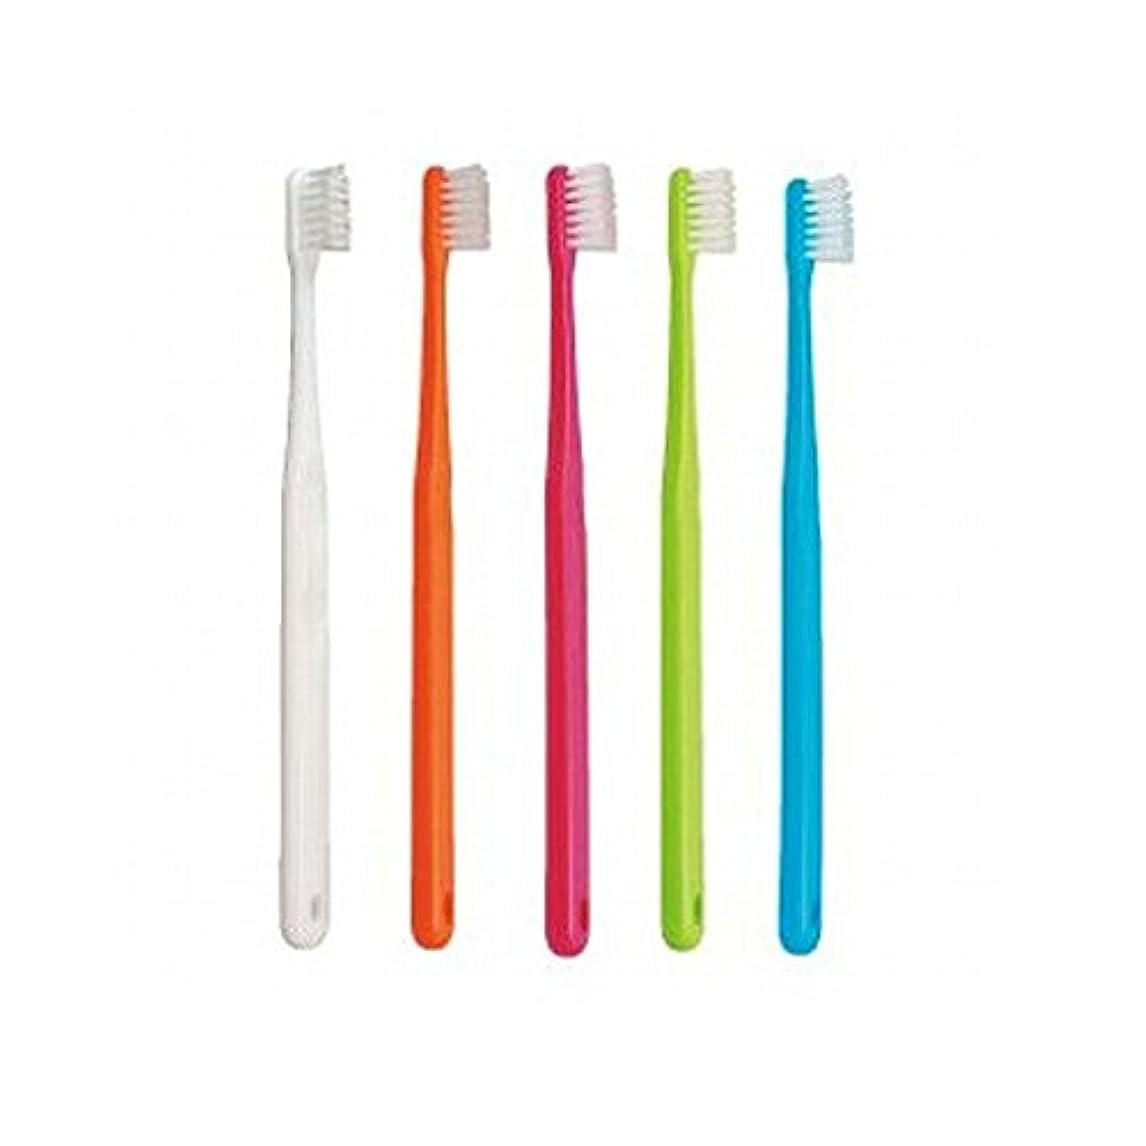 人工素子しょっぱい【Ci/シーアイ】【歯科用】Ci701 25本【歯ブラシ】【ややかため】【極薄ヘッド】ハンドルカラー5色選択不可